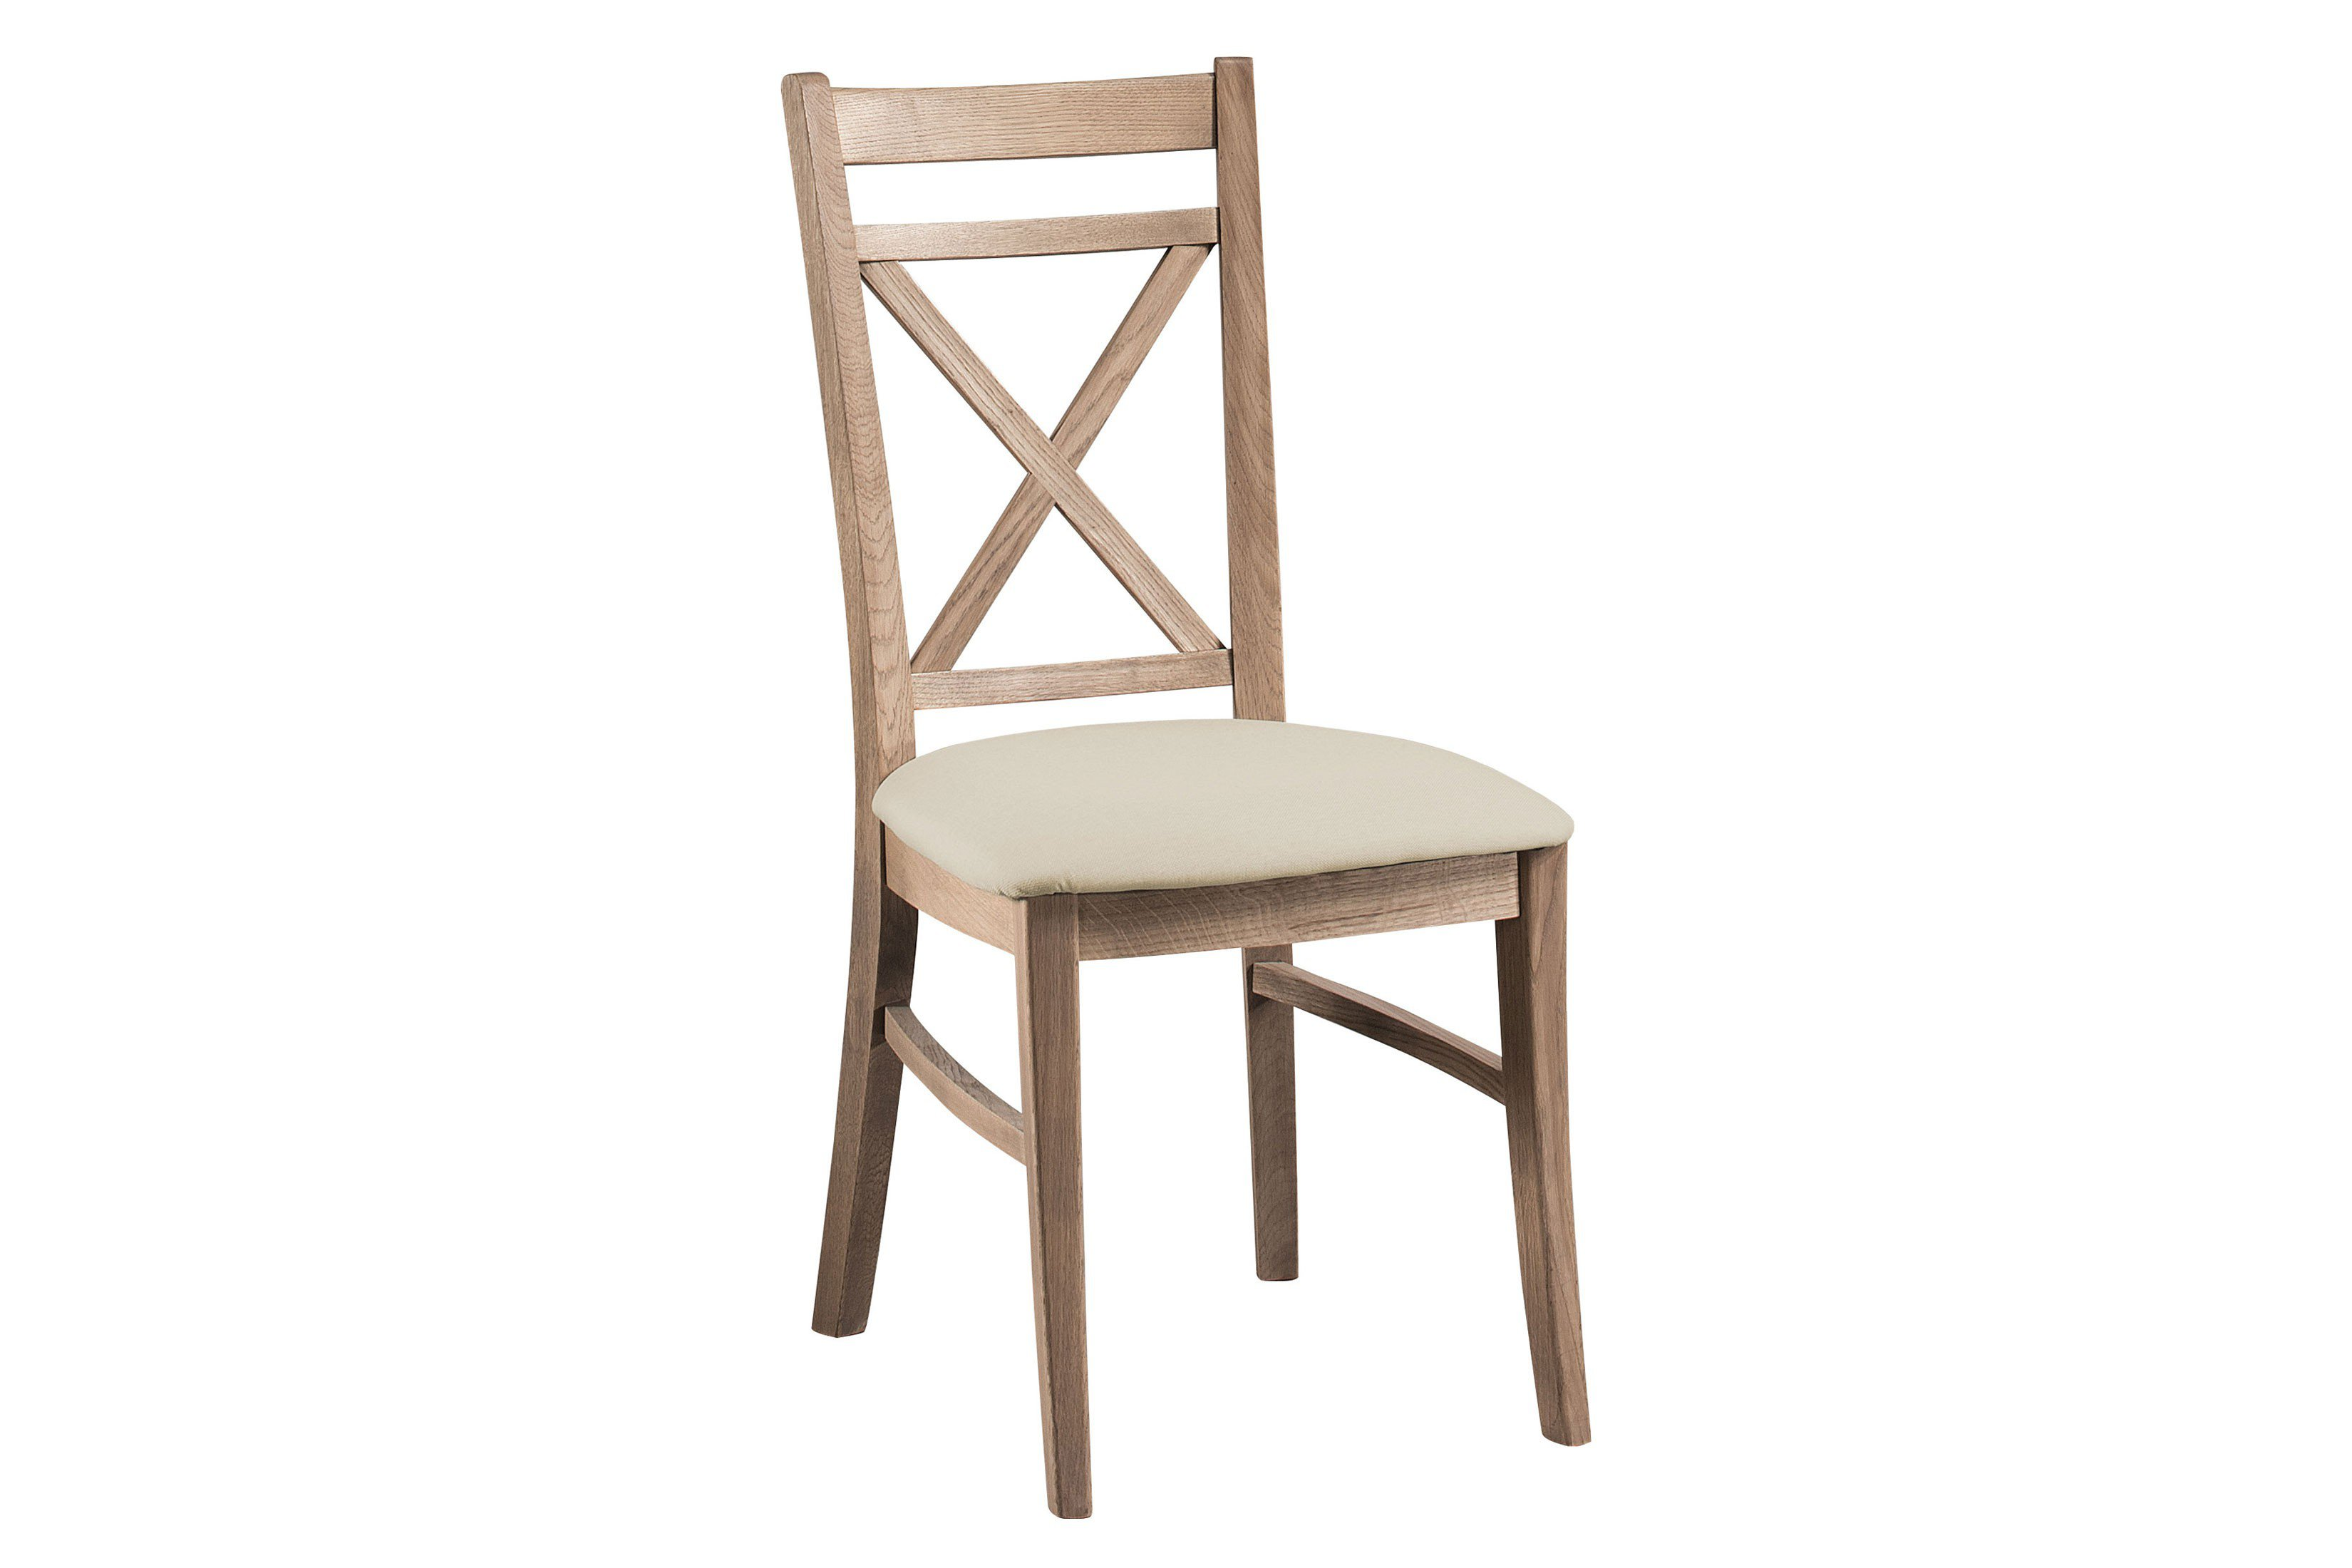 stuhl atelie alte eiche beige aus der kollektion letz m bel letz ihr online shop. Black Bedroom Furniture Sets. Home Design Ideas